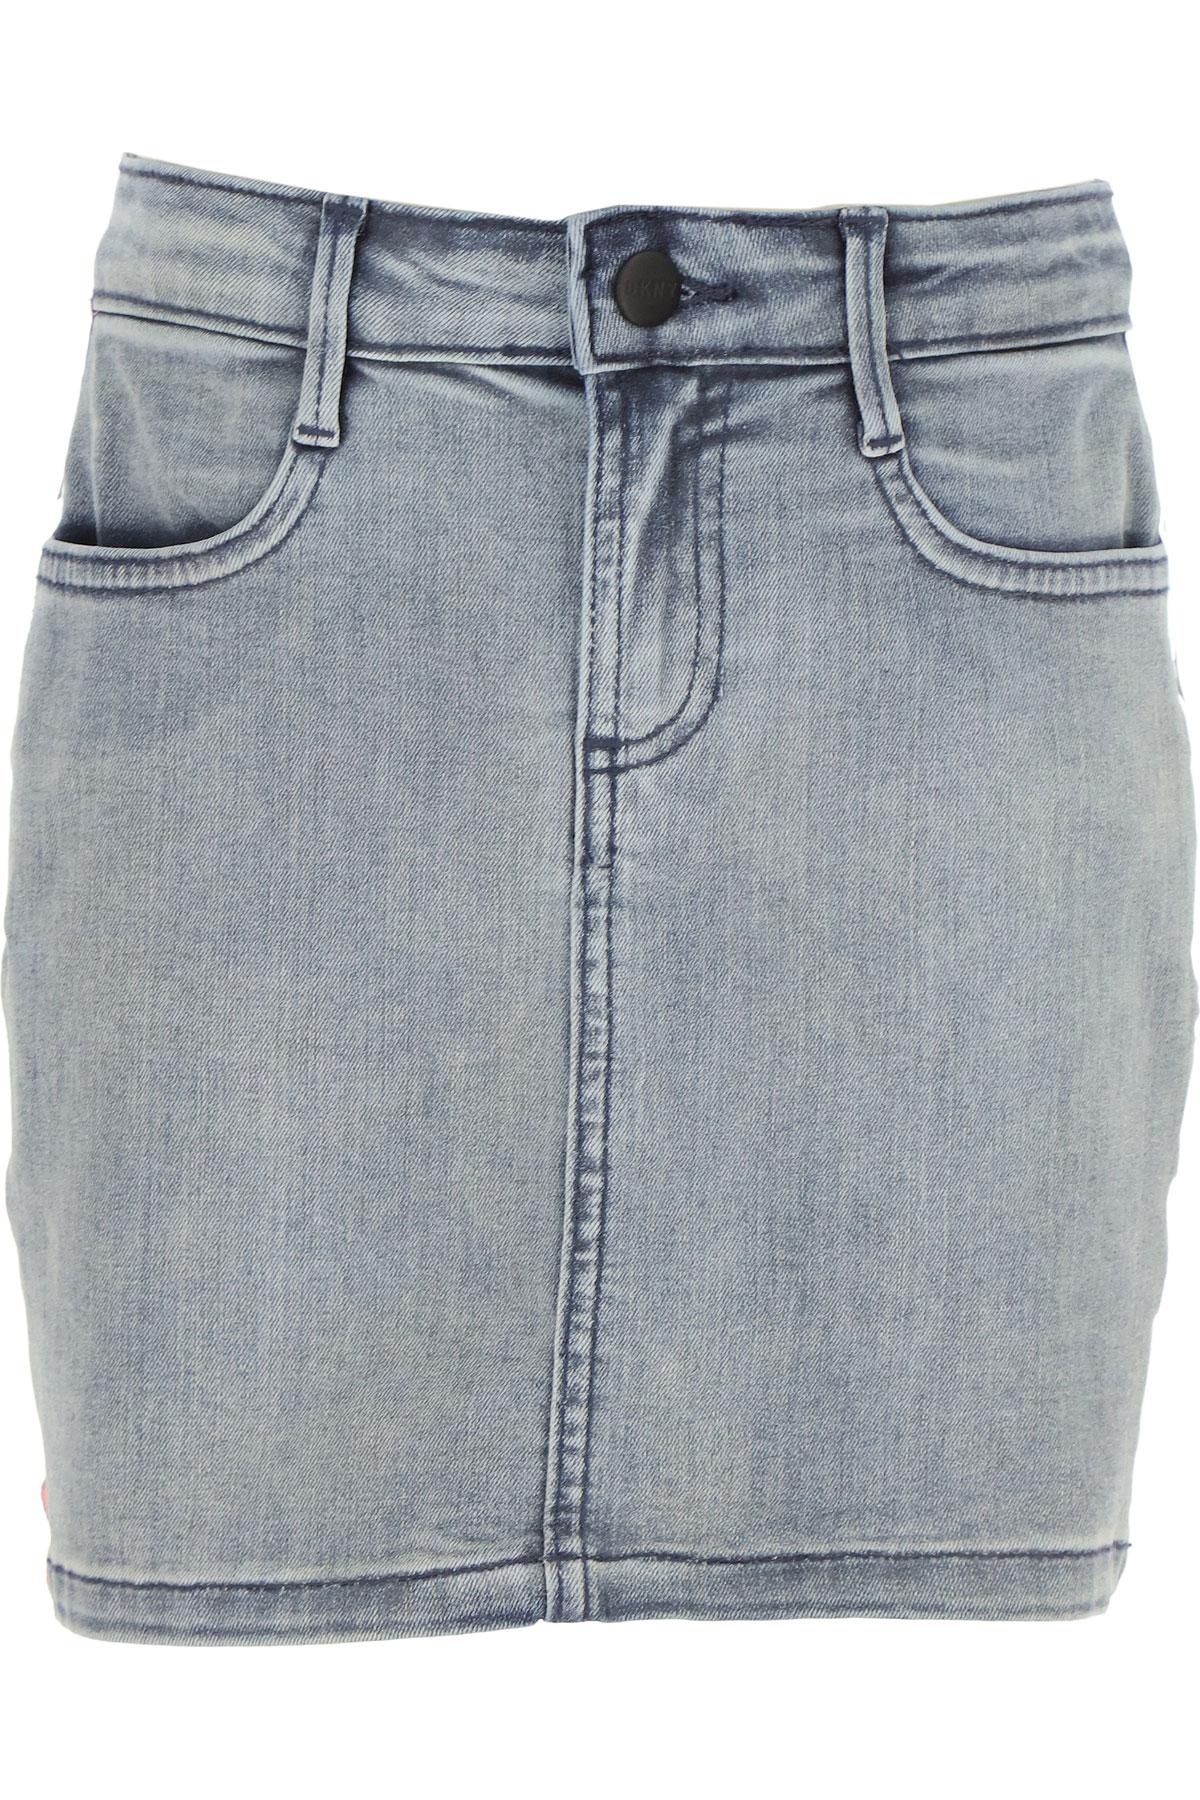 DKNY Kids Skirts for Girls On Sale, Blue Denim, Cotton, 2019, 10Y 12Y 14Y 16Y